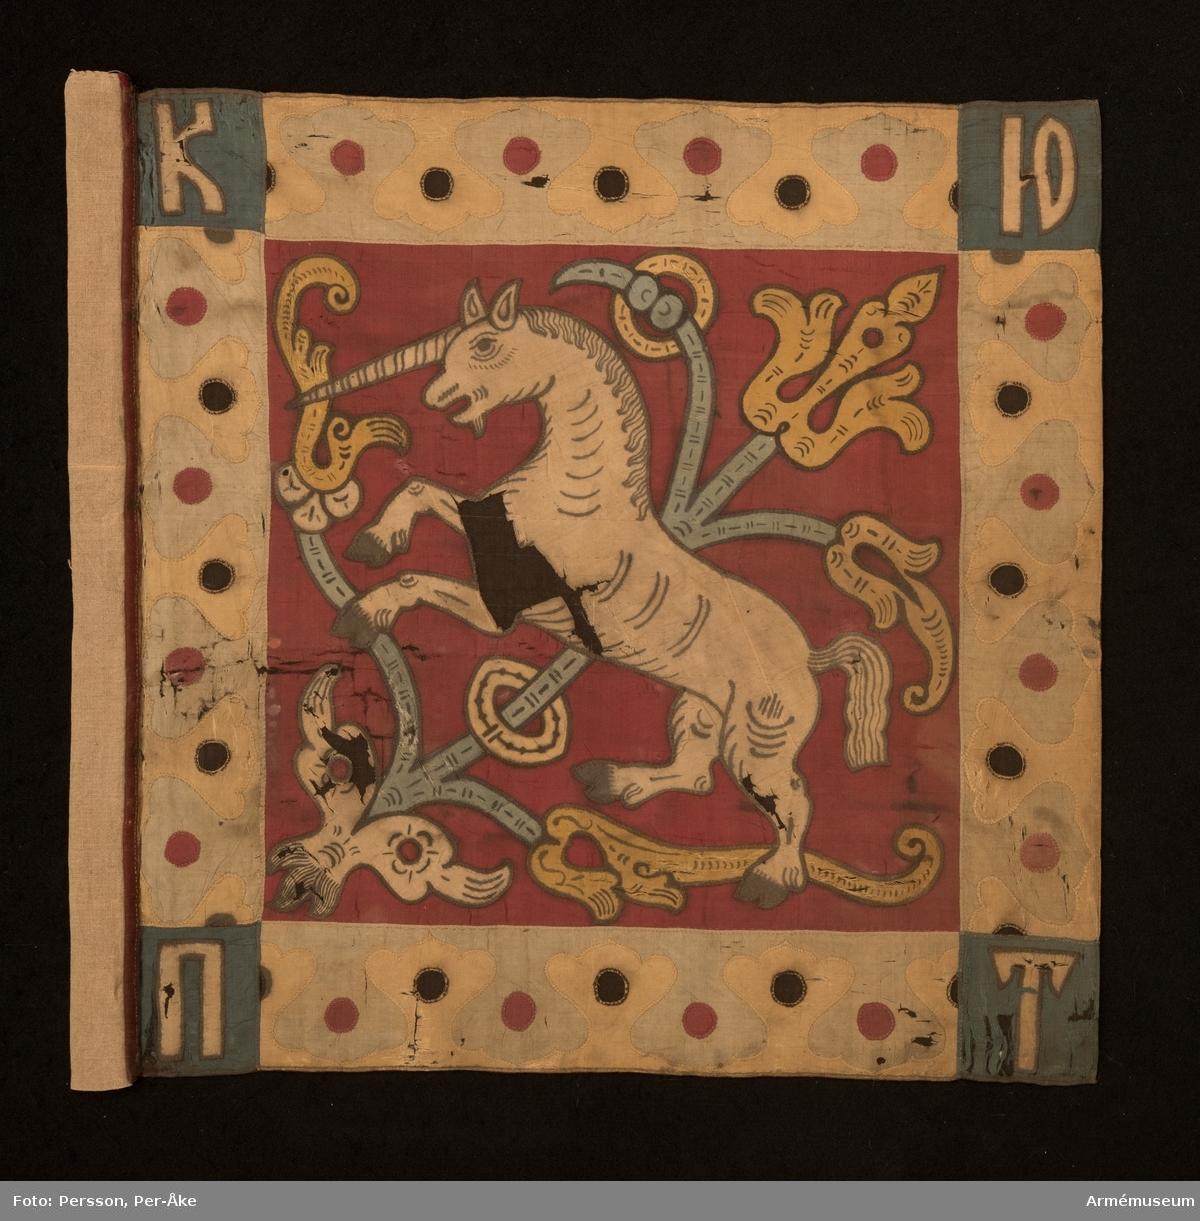 Duk av rött siden med bård i grönt och gult. Blå hörn. Motiv av en enhörning och ett blomsterornament. I hörnen de ryska bokstäverna för K, IO, P, T. Bokstäverna kan möjligen uttydas som Knes (prins) Jurij Petrovitj Trubetskoj. Sekundär strumpa.